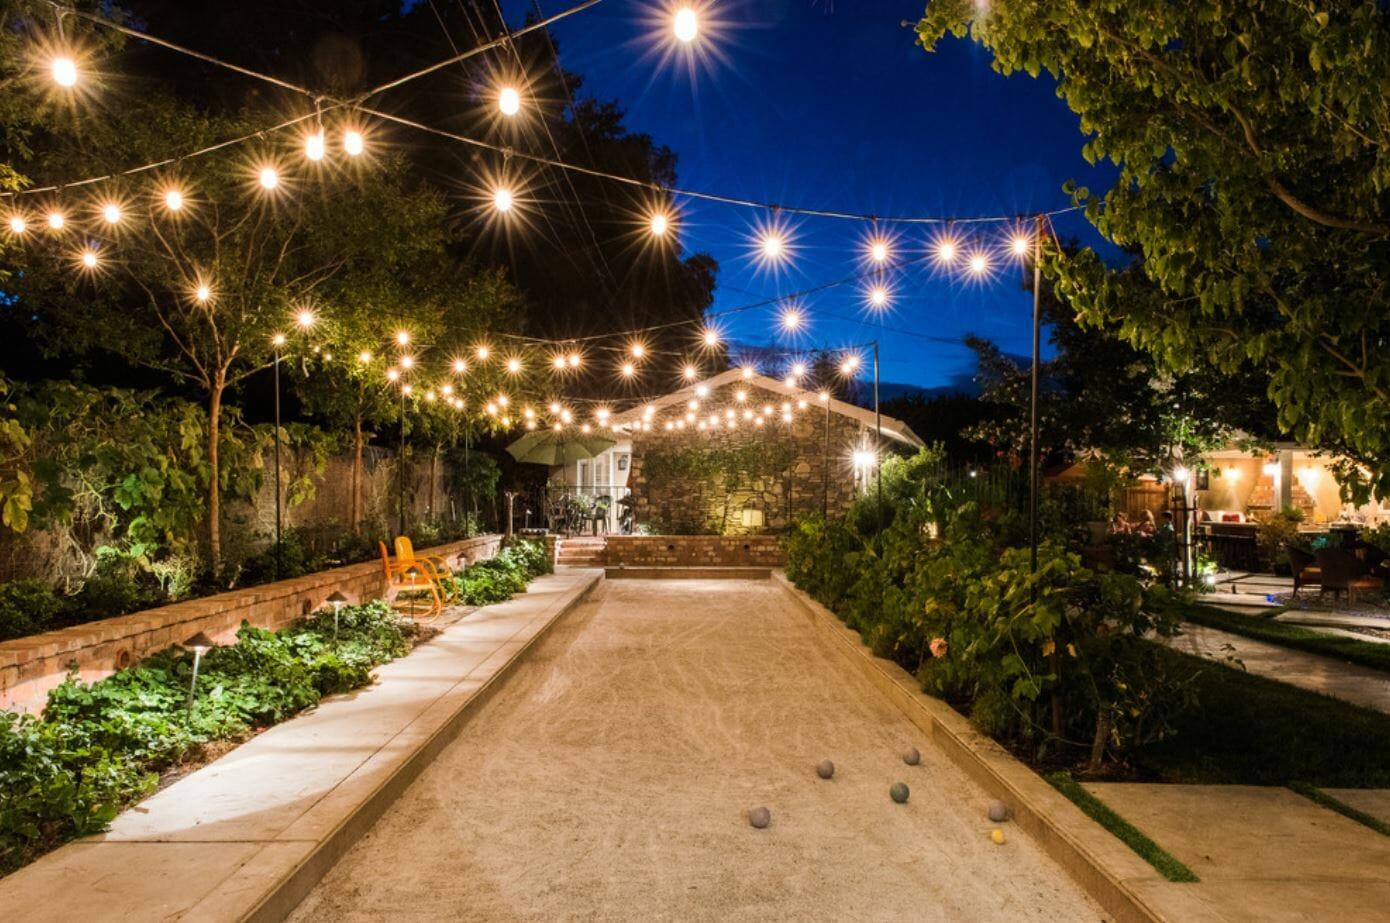 Top 5 Backyard Lighting Trends